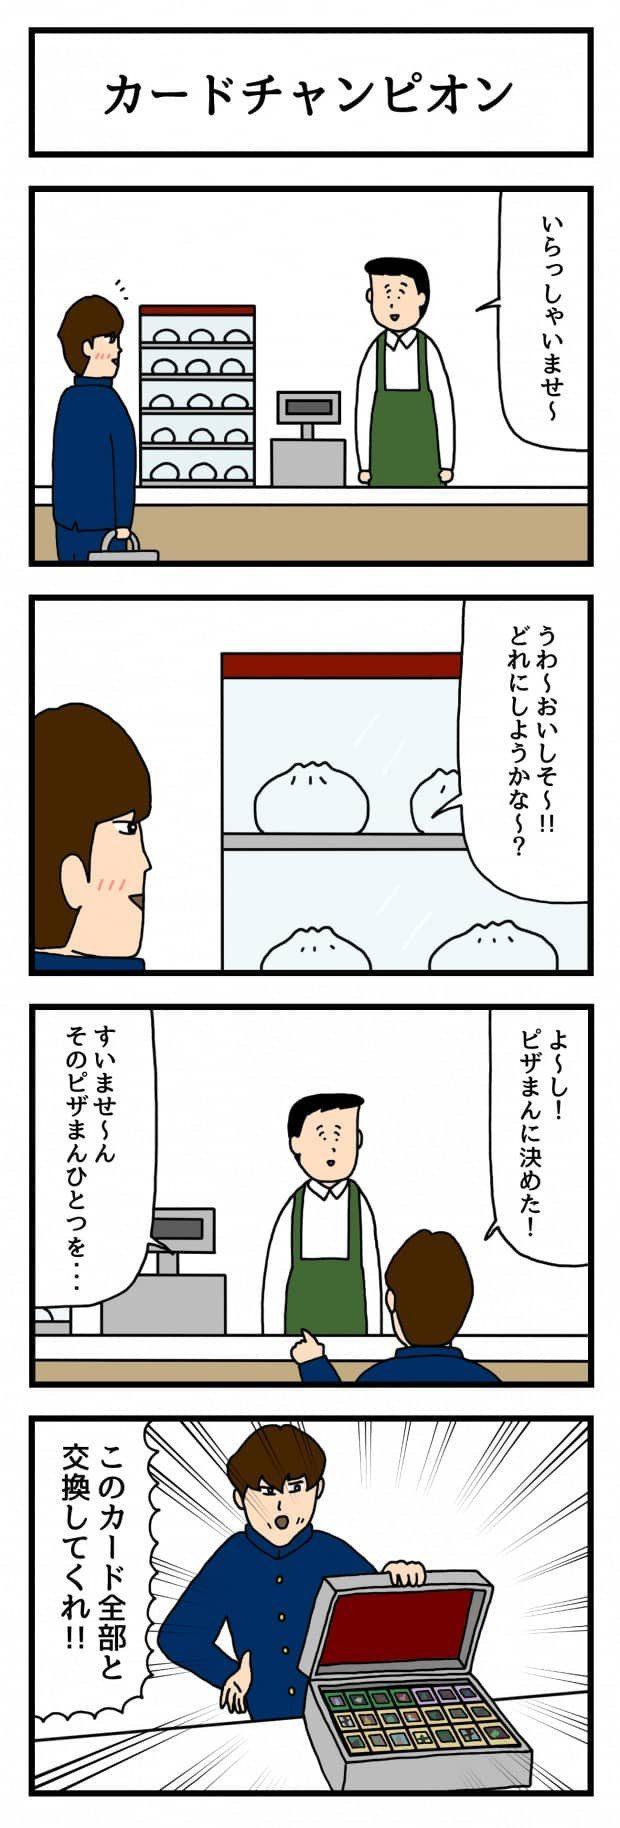 たのしい バイト 4コマ 漫画 せきの タウンワークマガジン